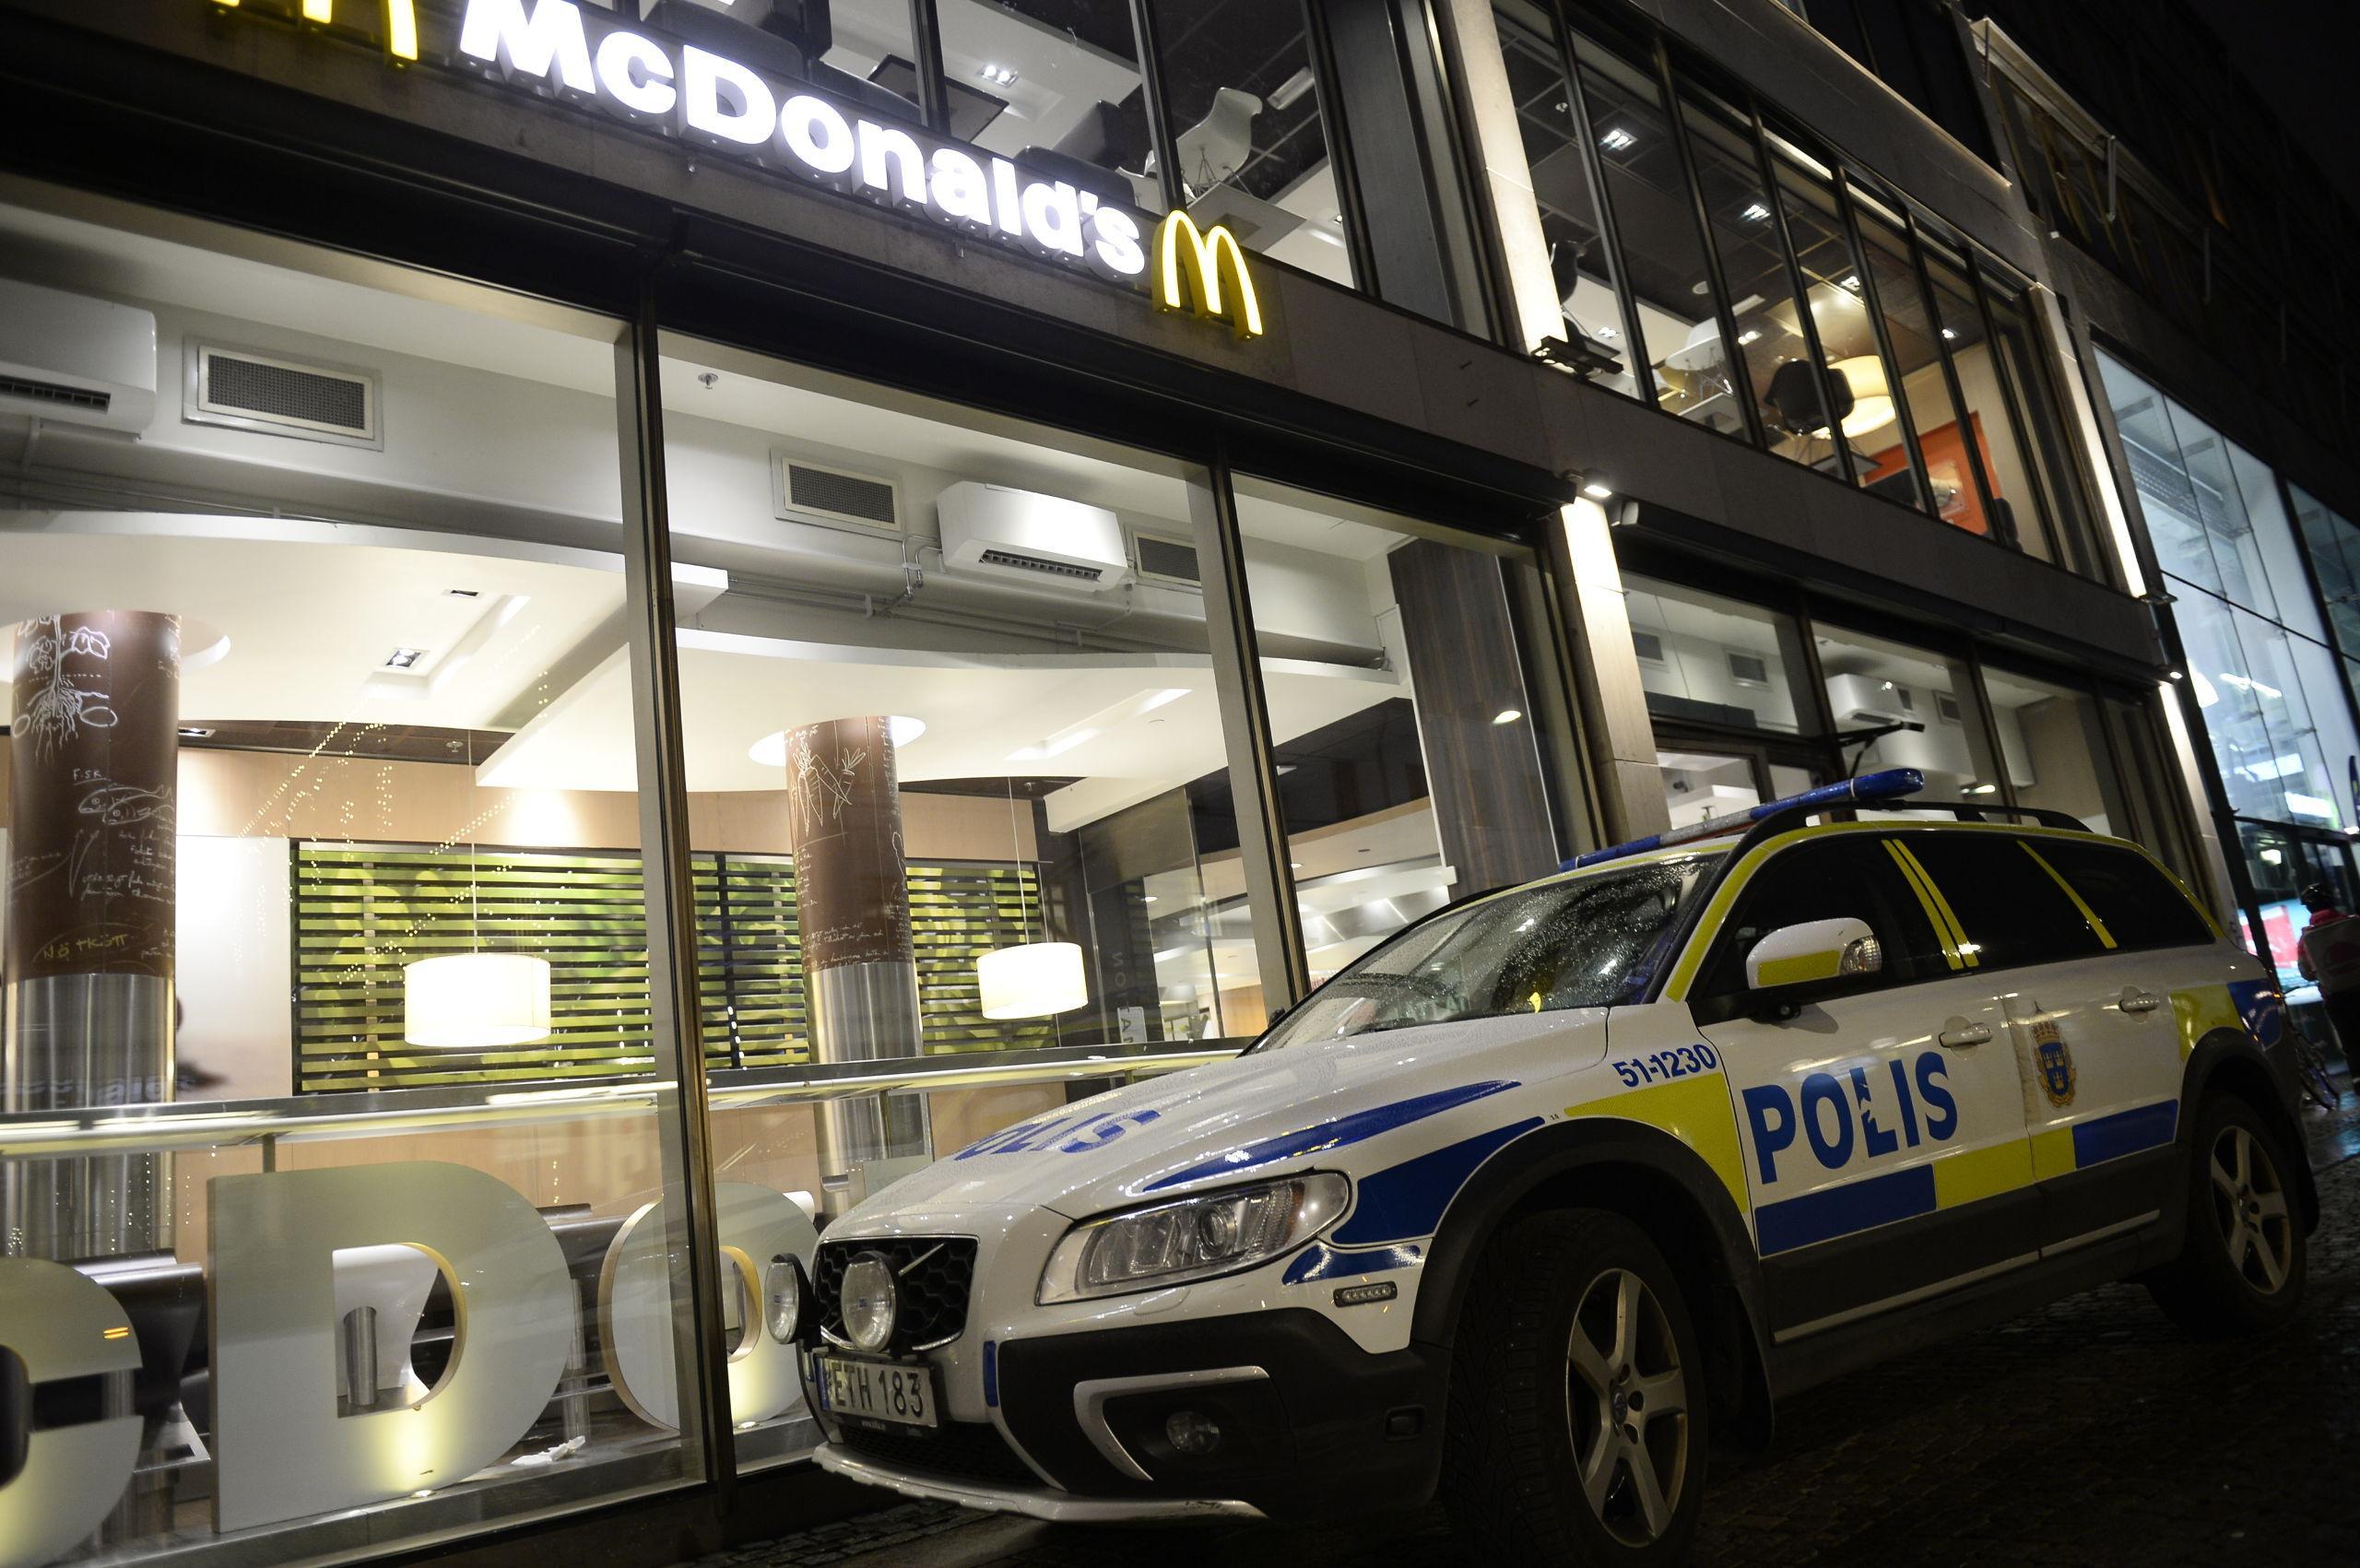 Polis larmades till McDonalds efter larm om födsel